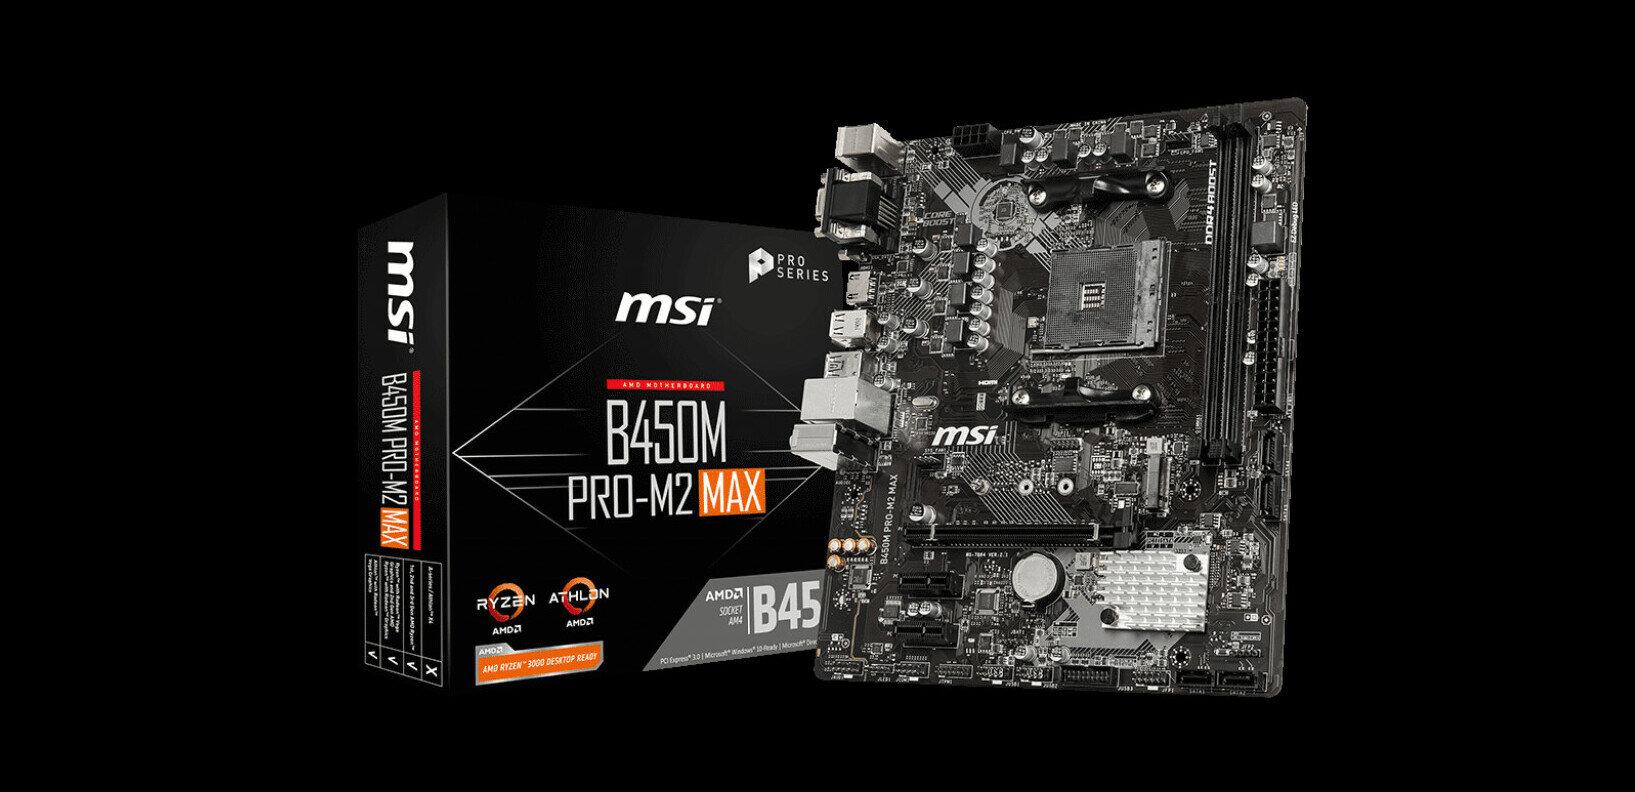 Chipsets AMD de série 300/400 : AGESA 1.0.0.3 et BIOS allégé chez MSI, en attendant Max